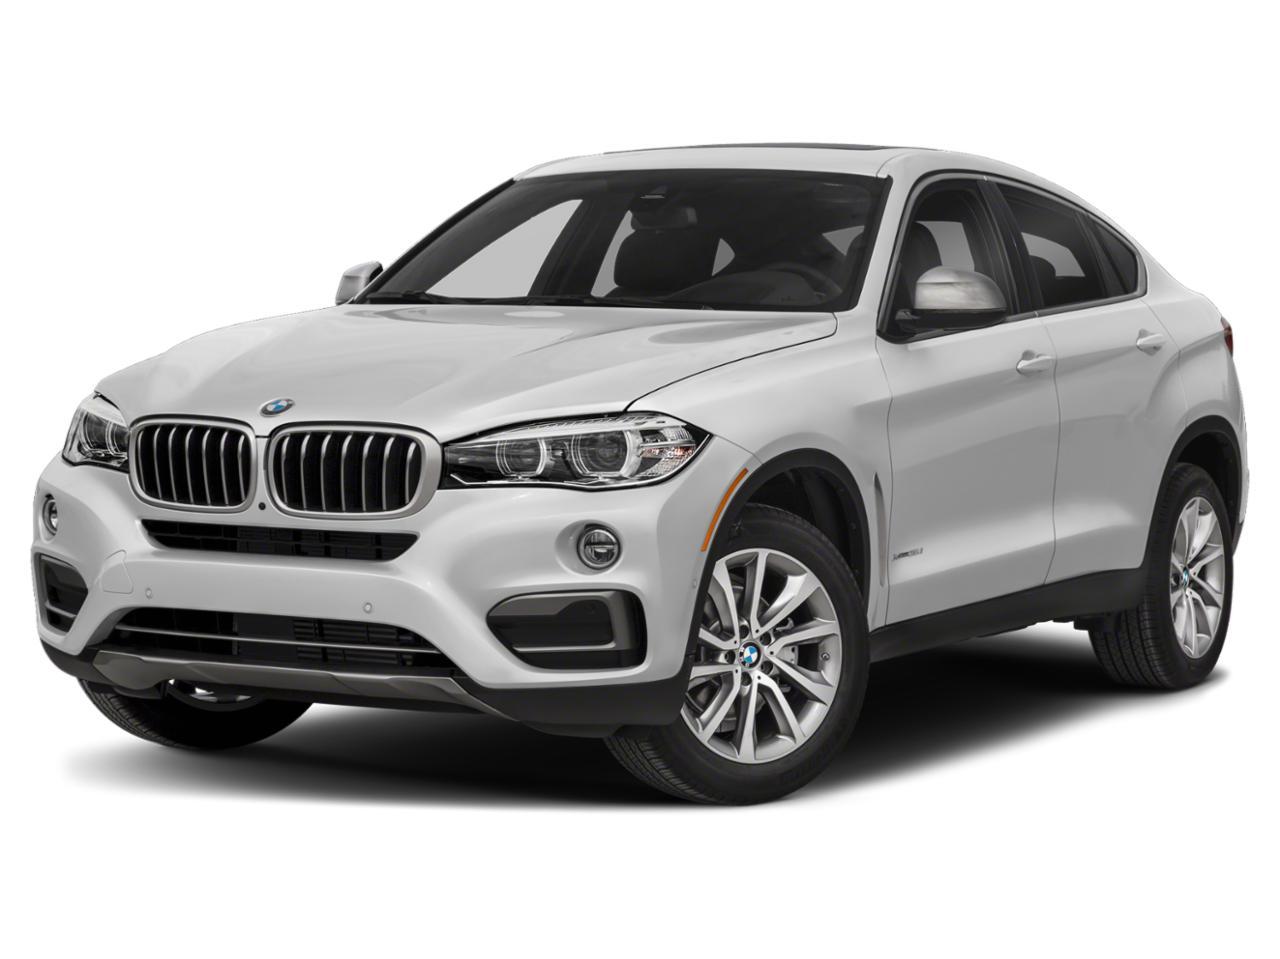 2018 BMW X6 xDrive35i Vehicle Photo in Pleasanton, CA 94588